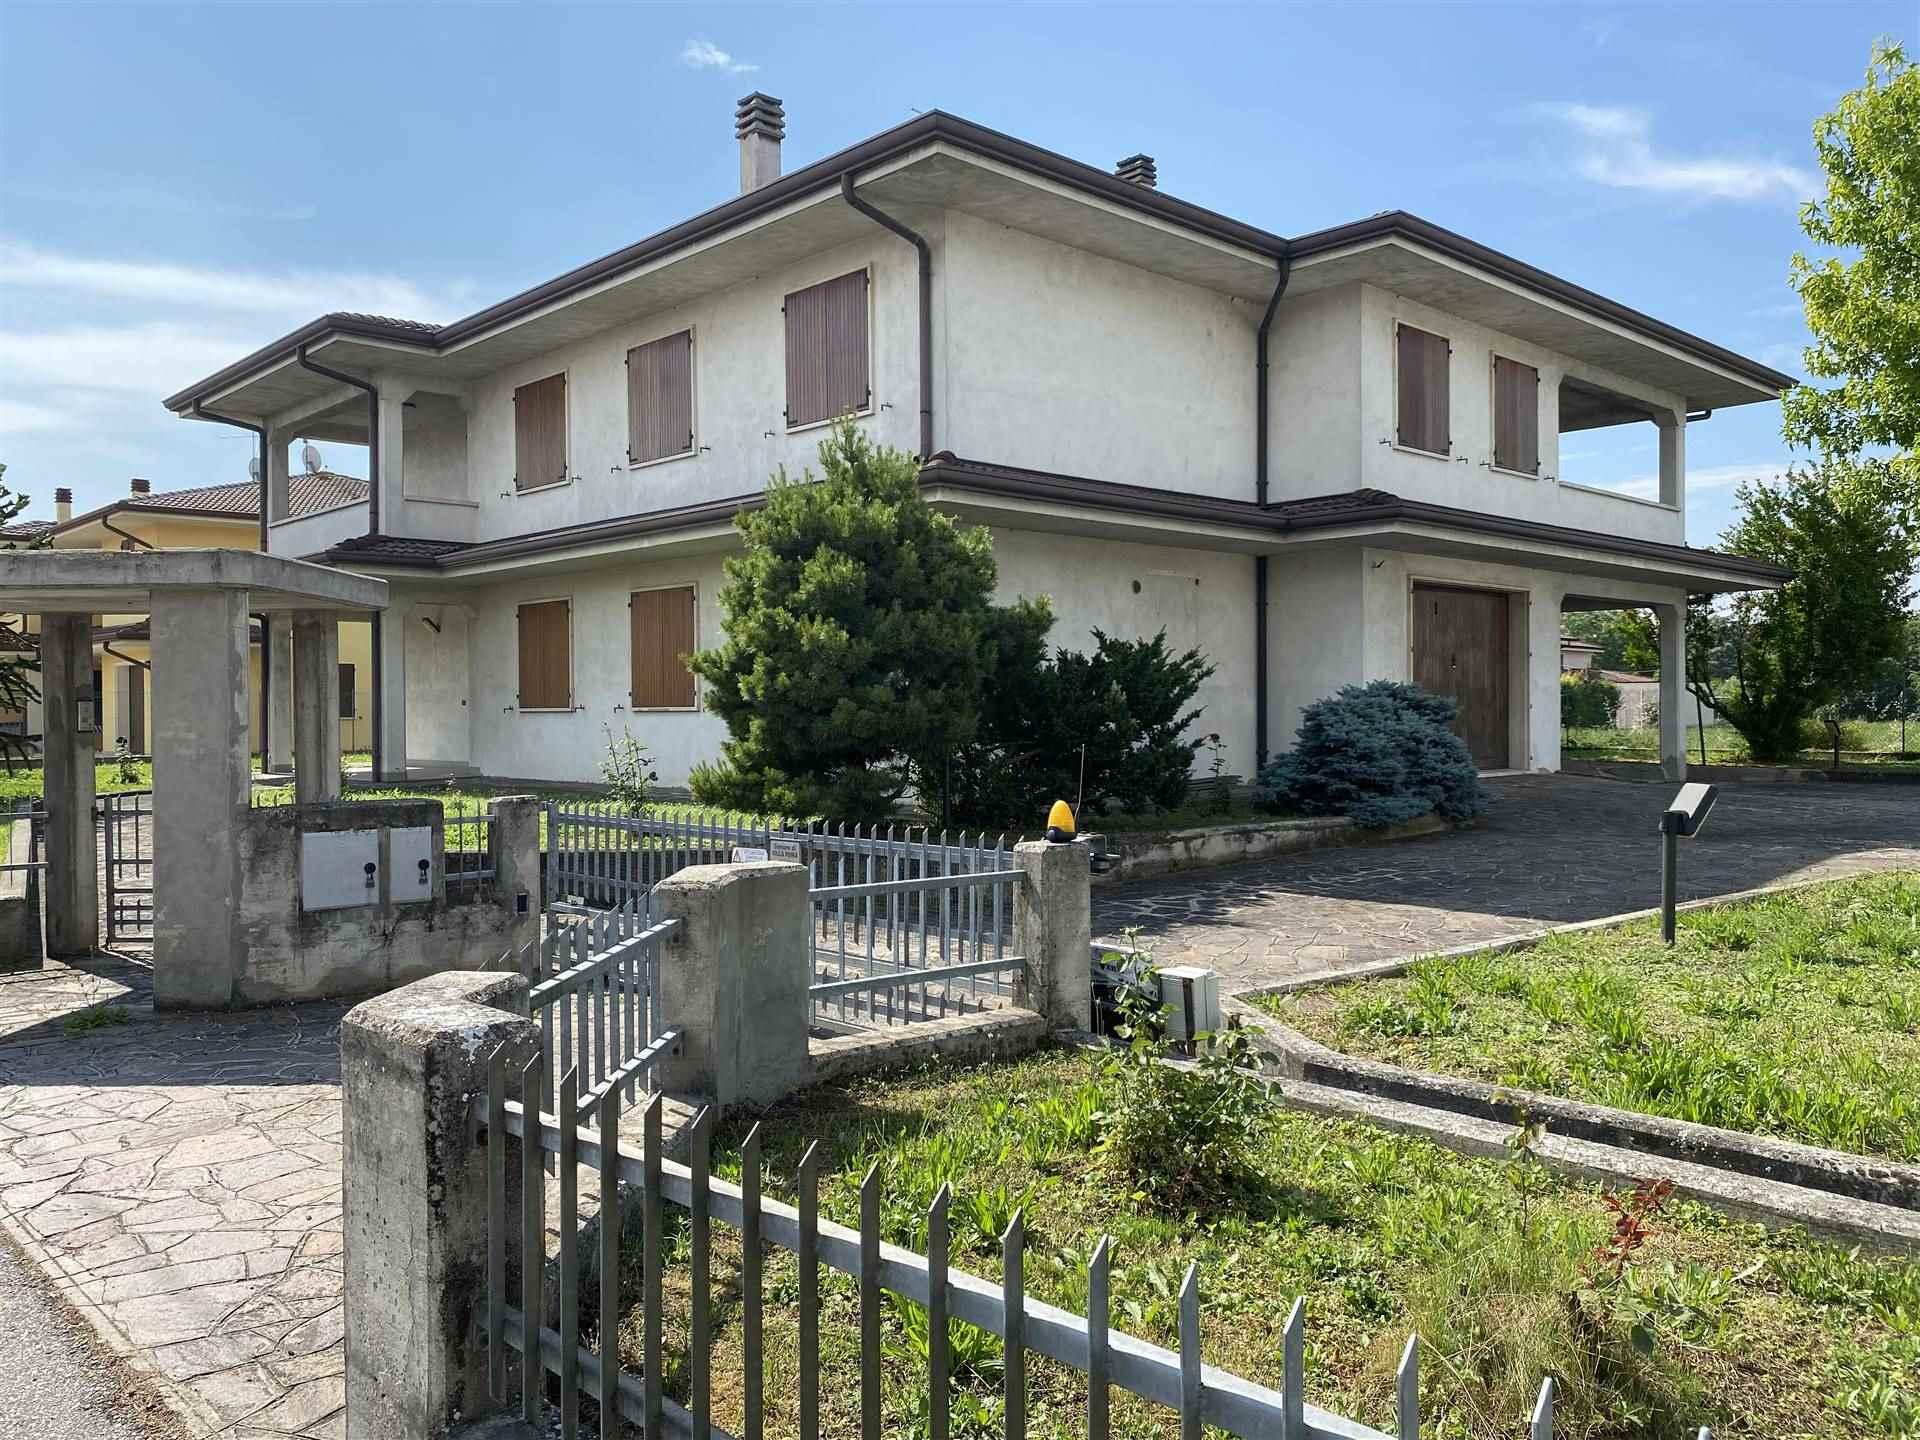 Villa in vendita a Villa Poma, 12 locali, prezzo € 295.000 | CambioCasa.it